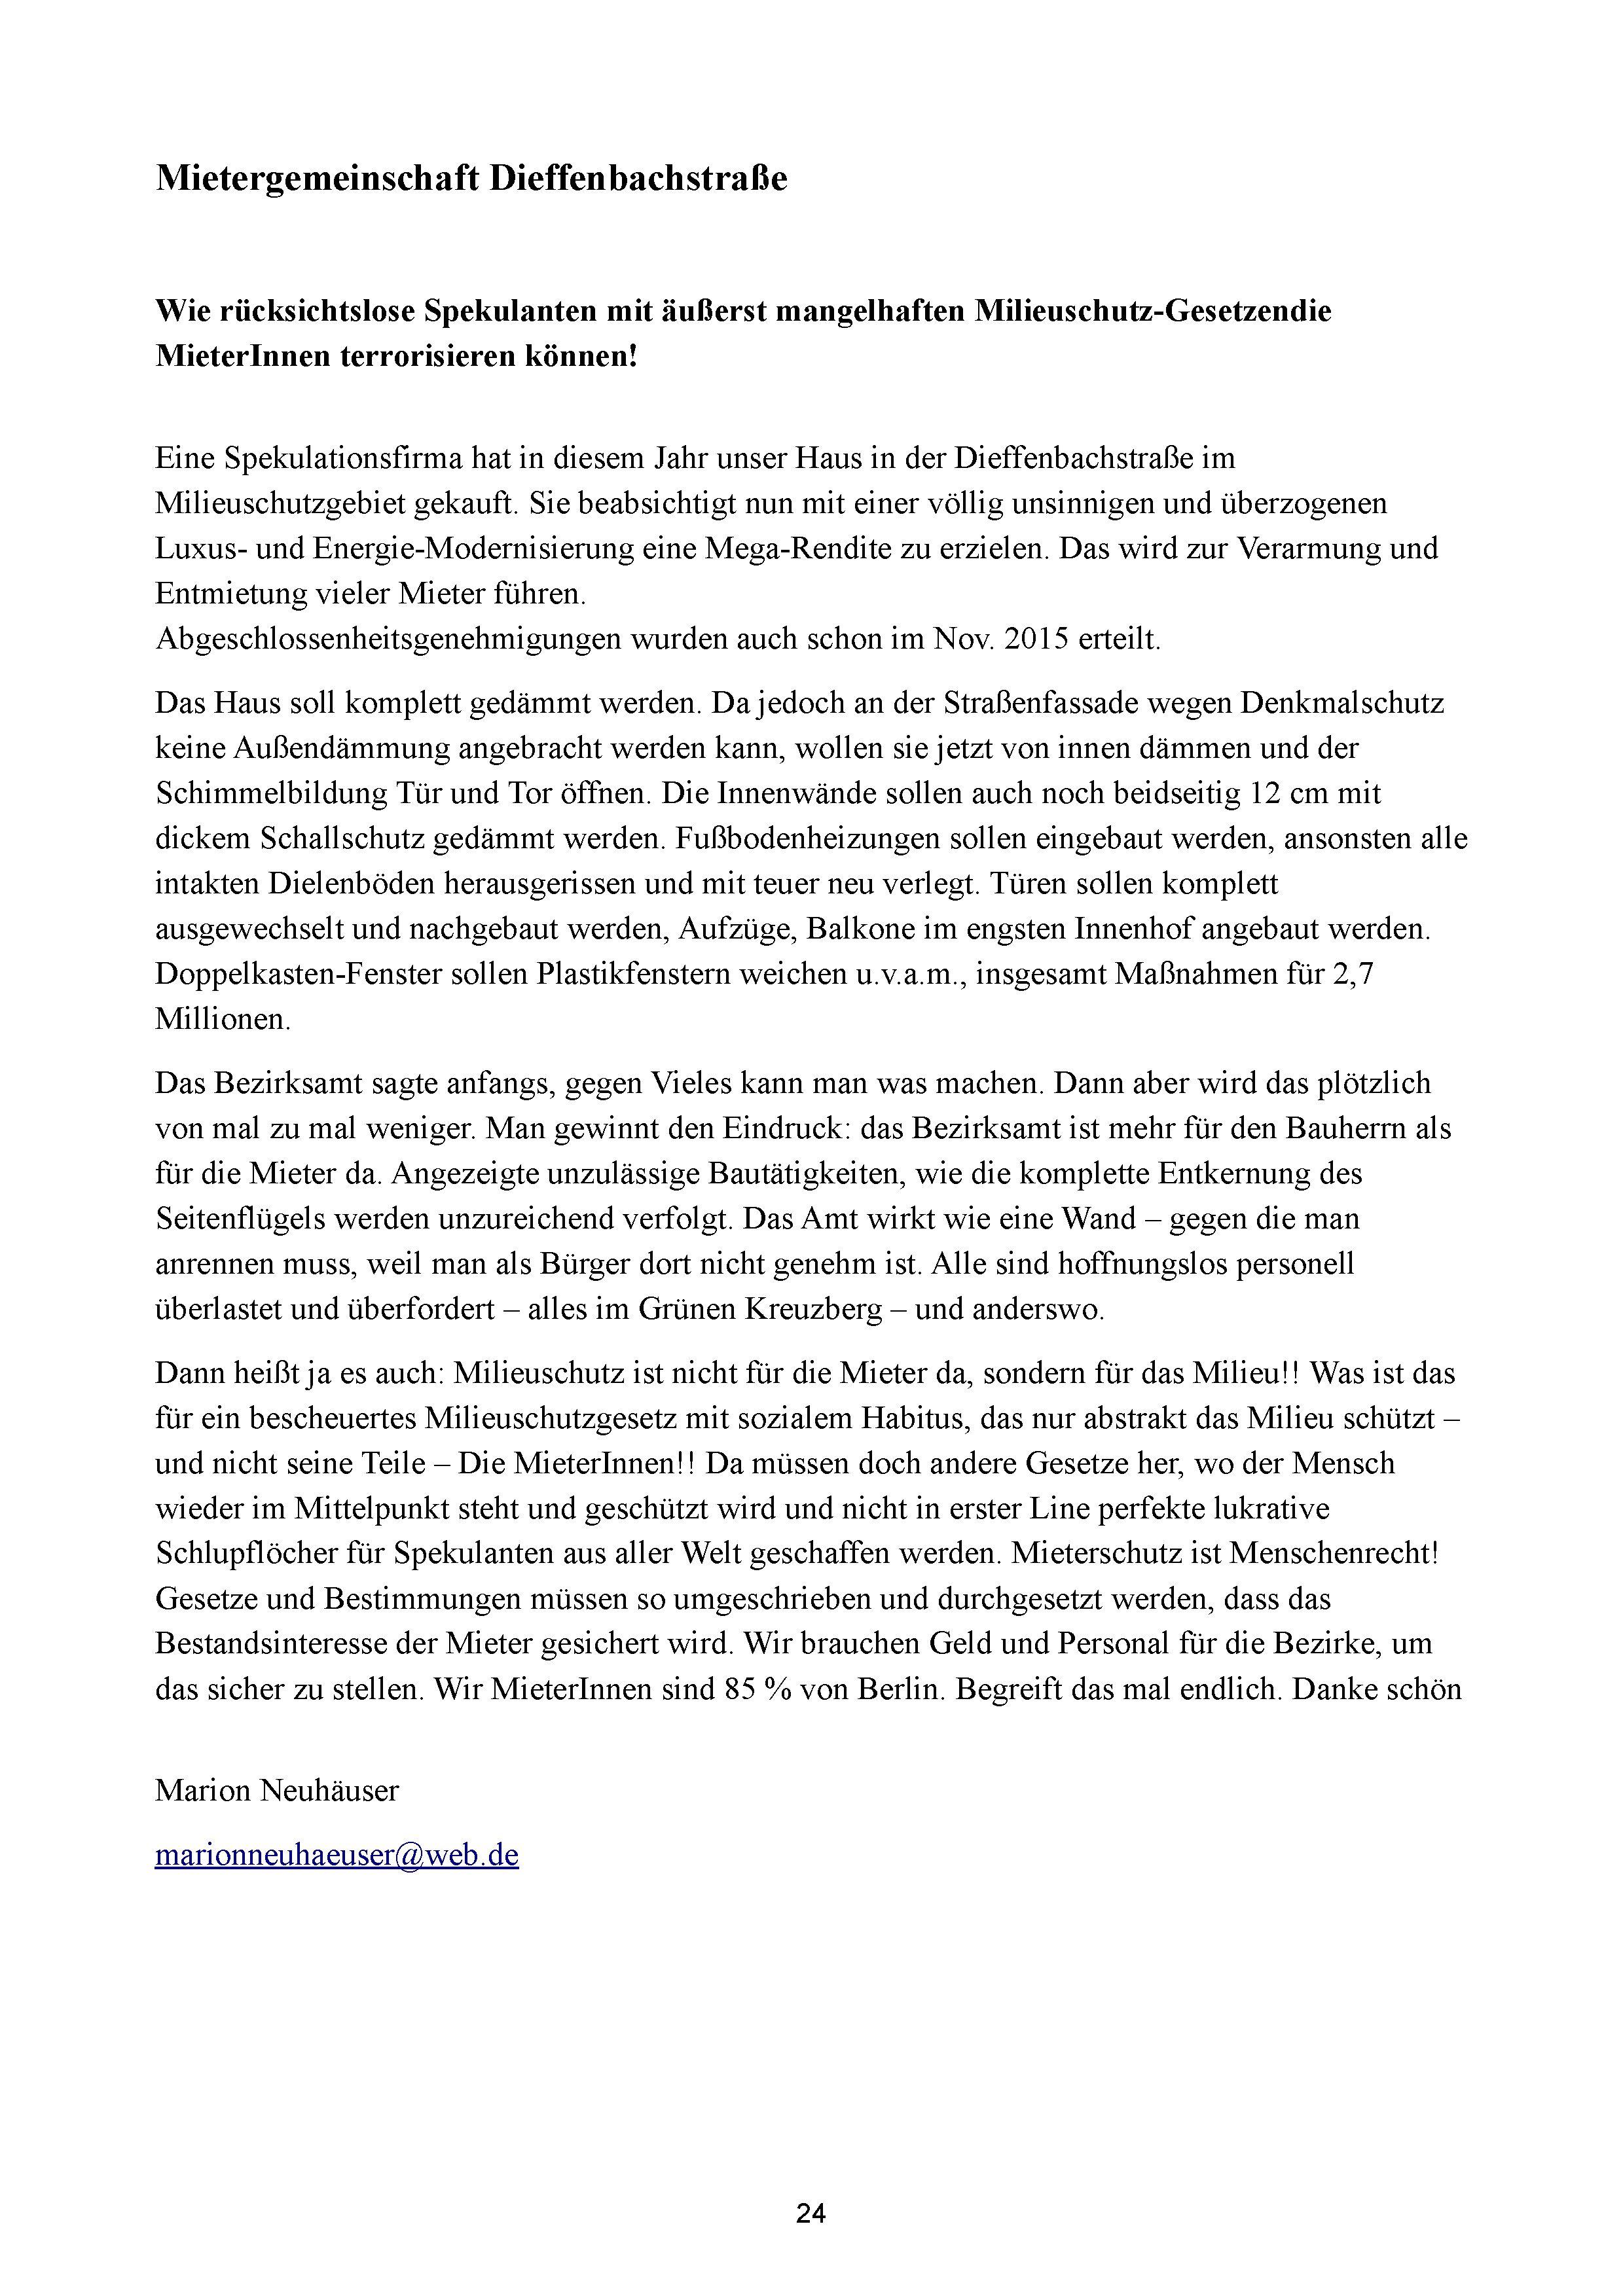 stadtpolitisches_hearing_021116_pressemappe1_seite_21_05